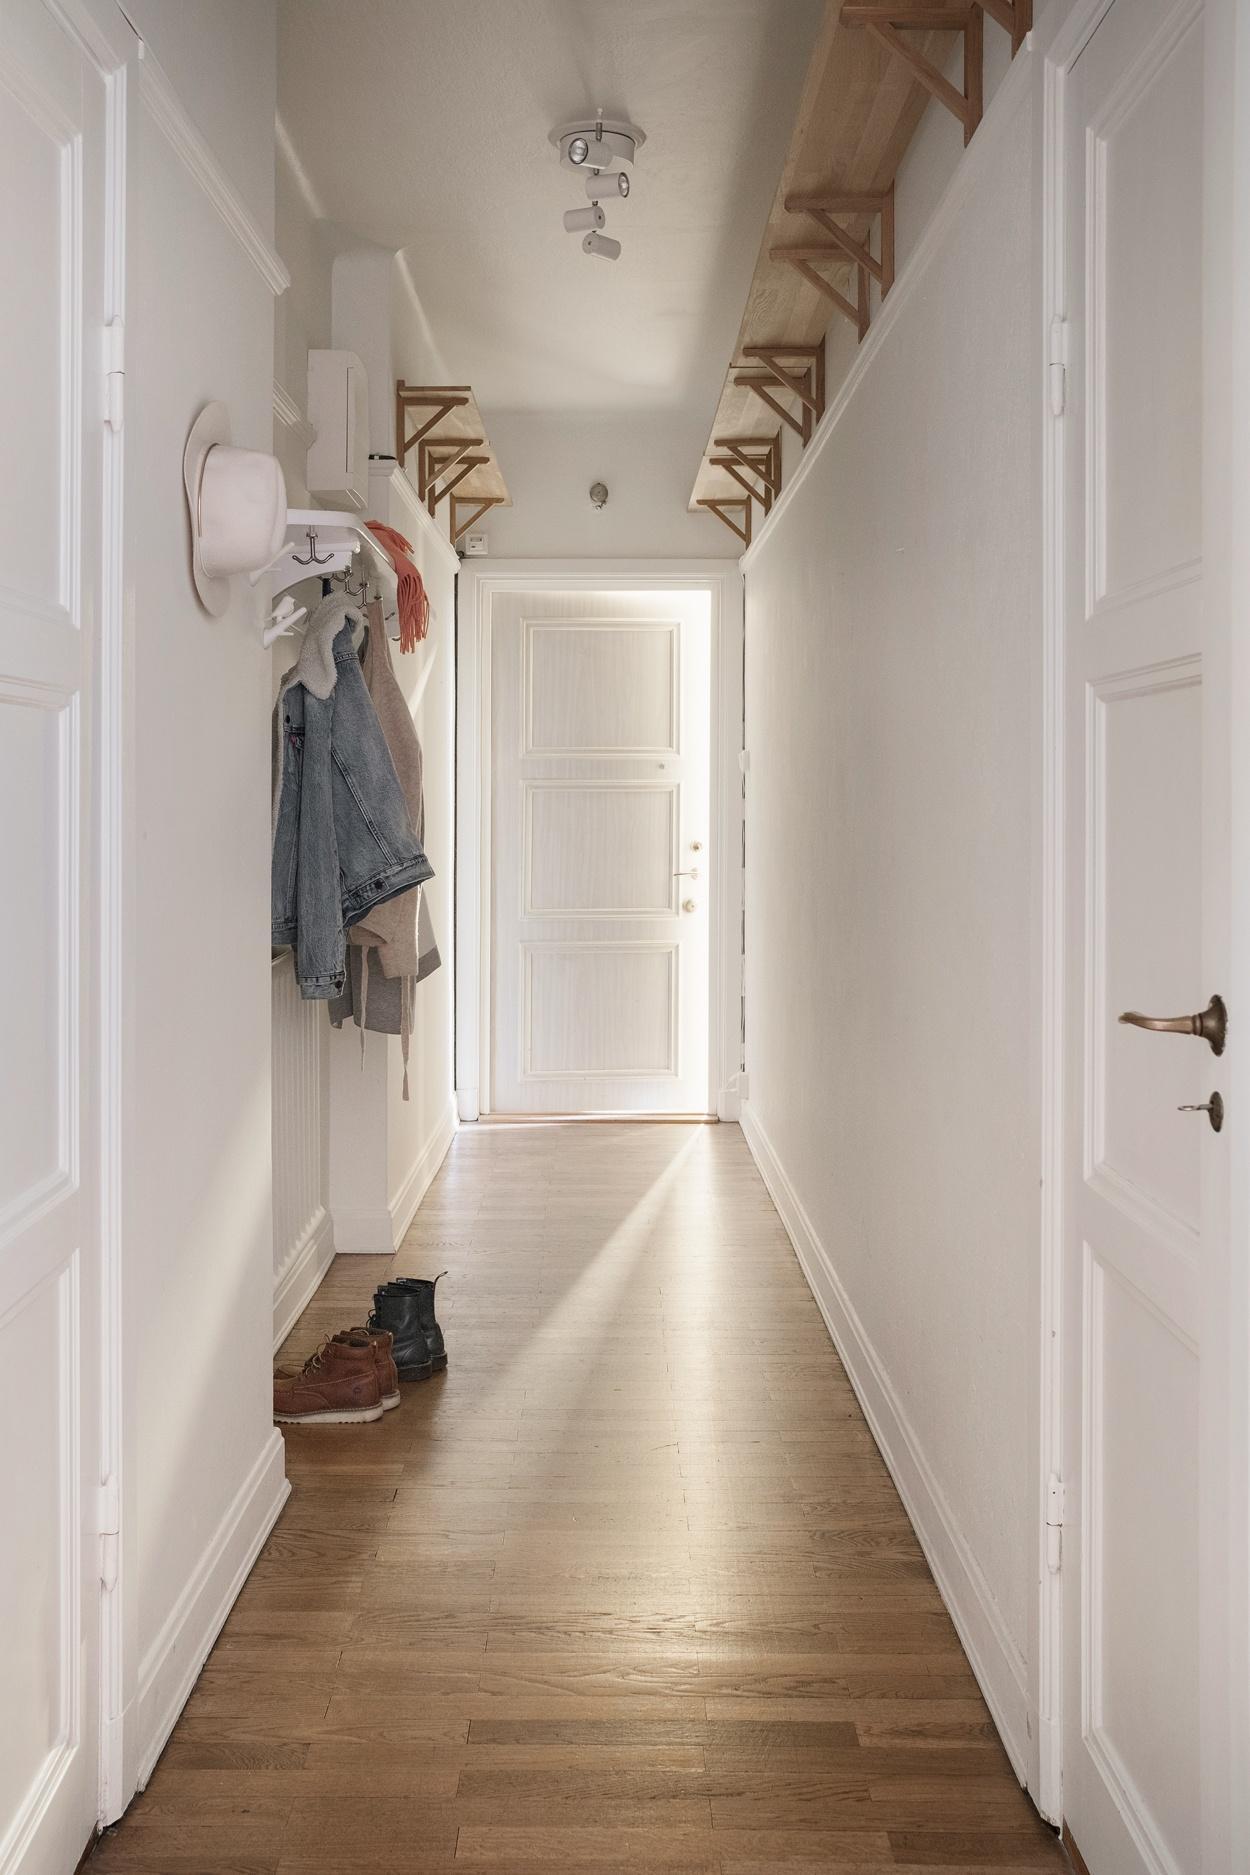 屋内的走廊过道,设计一些置物架,尽量往高处设                    阔